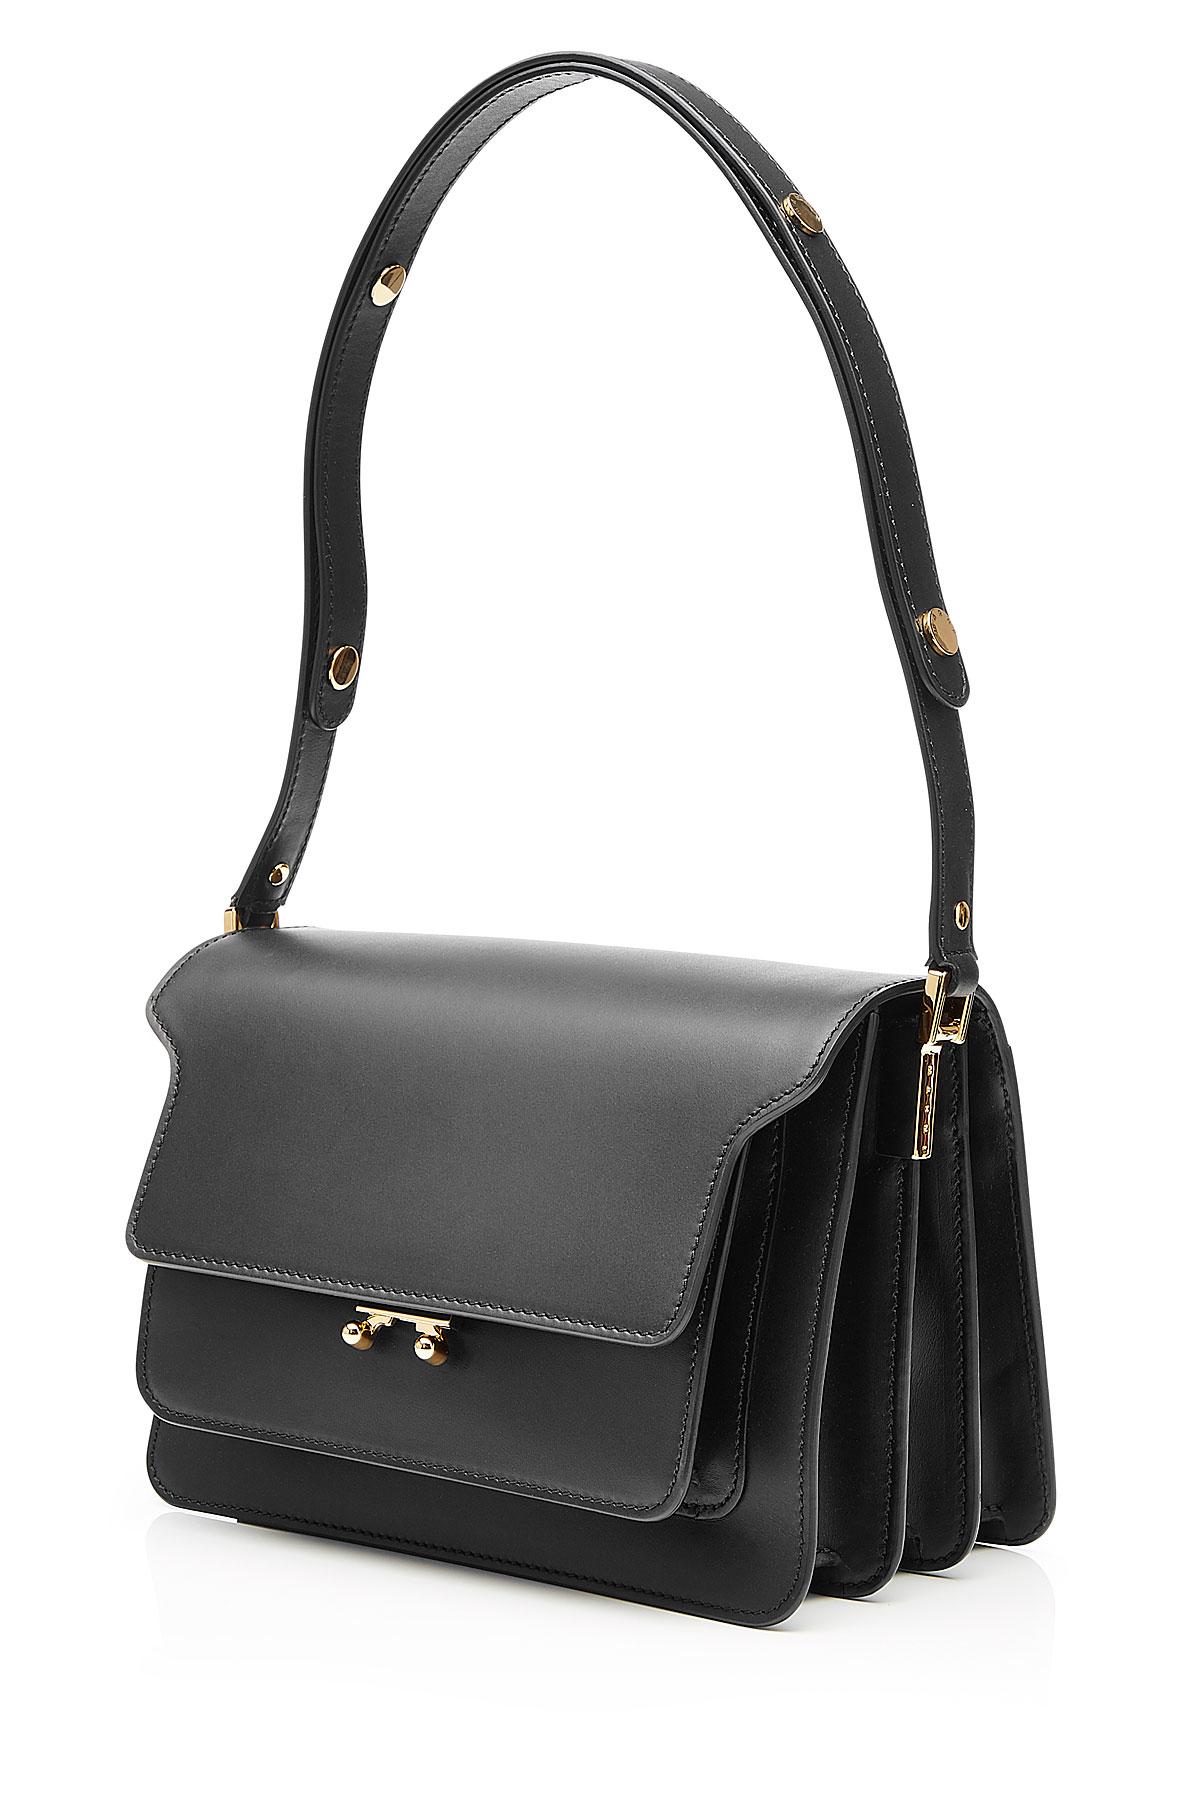 Marni Trunk Medium Leather Shoulder Bag Black In Black